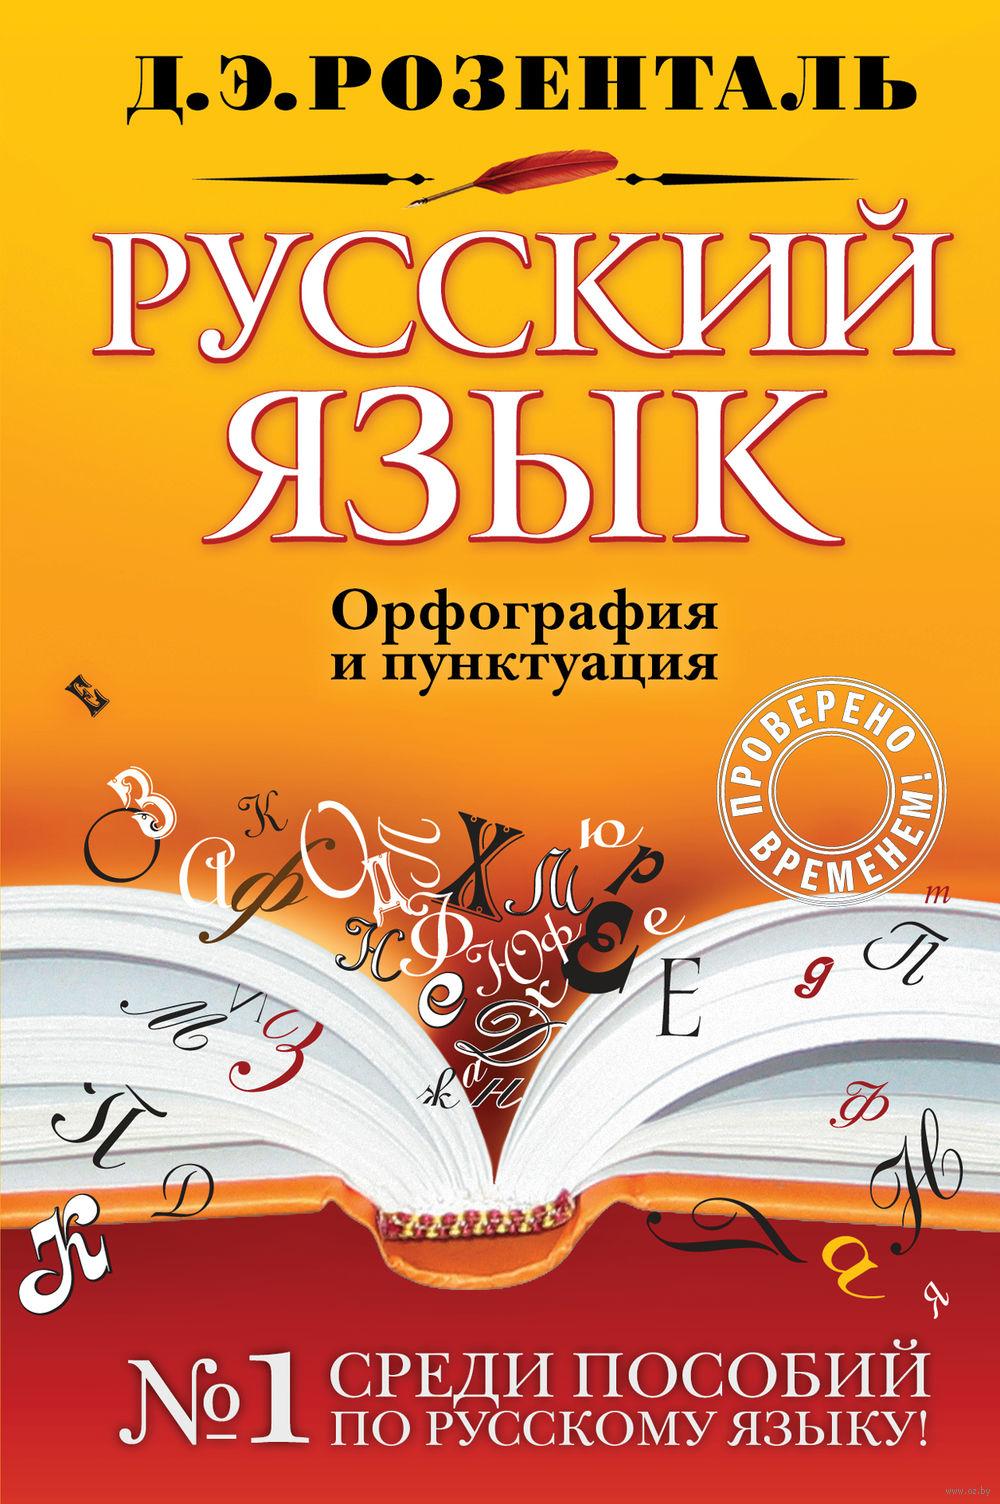 теперь картой учебник по русскому языку розенталь Агабекян)